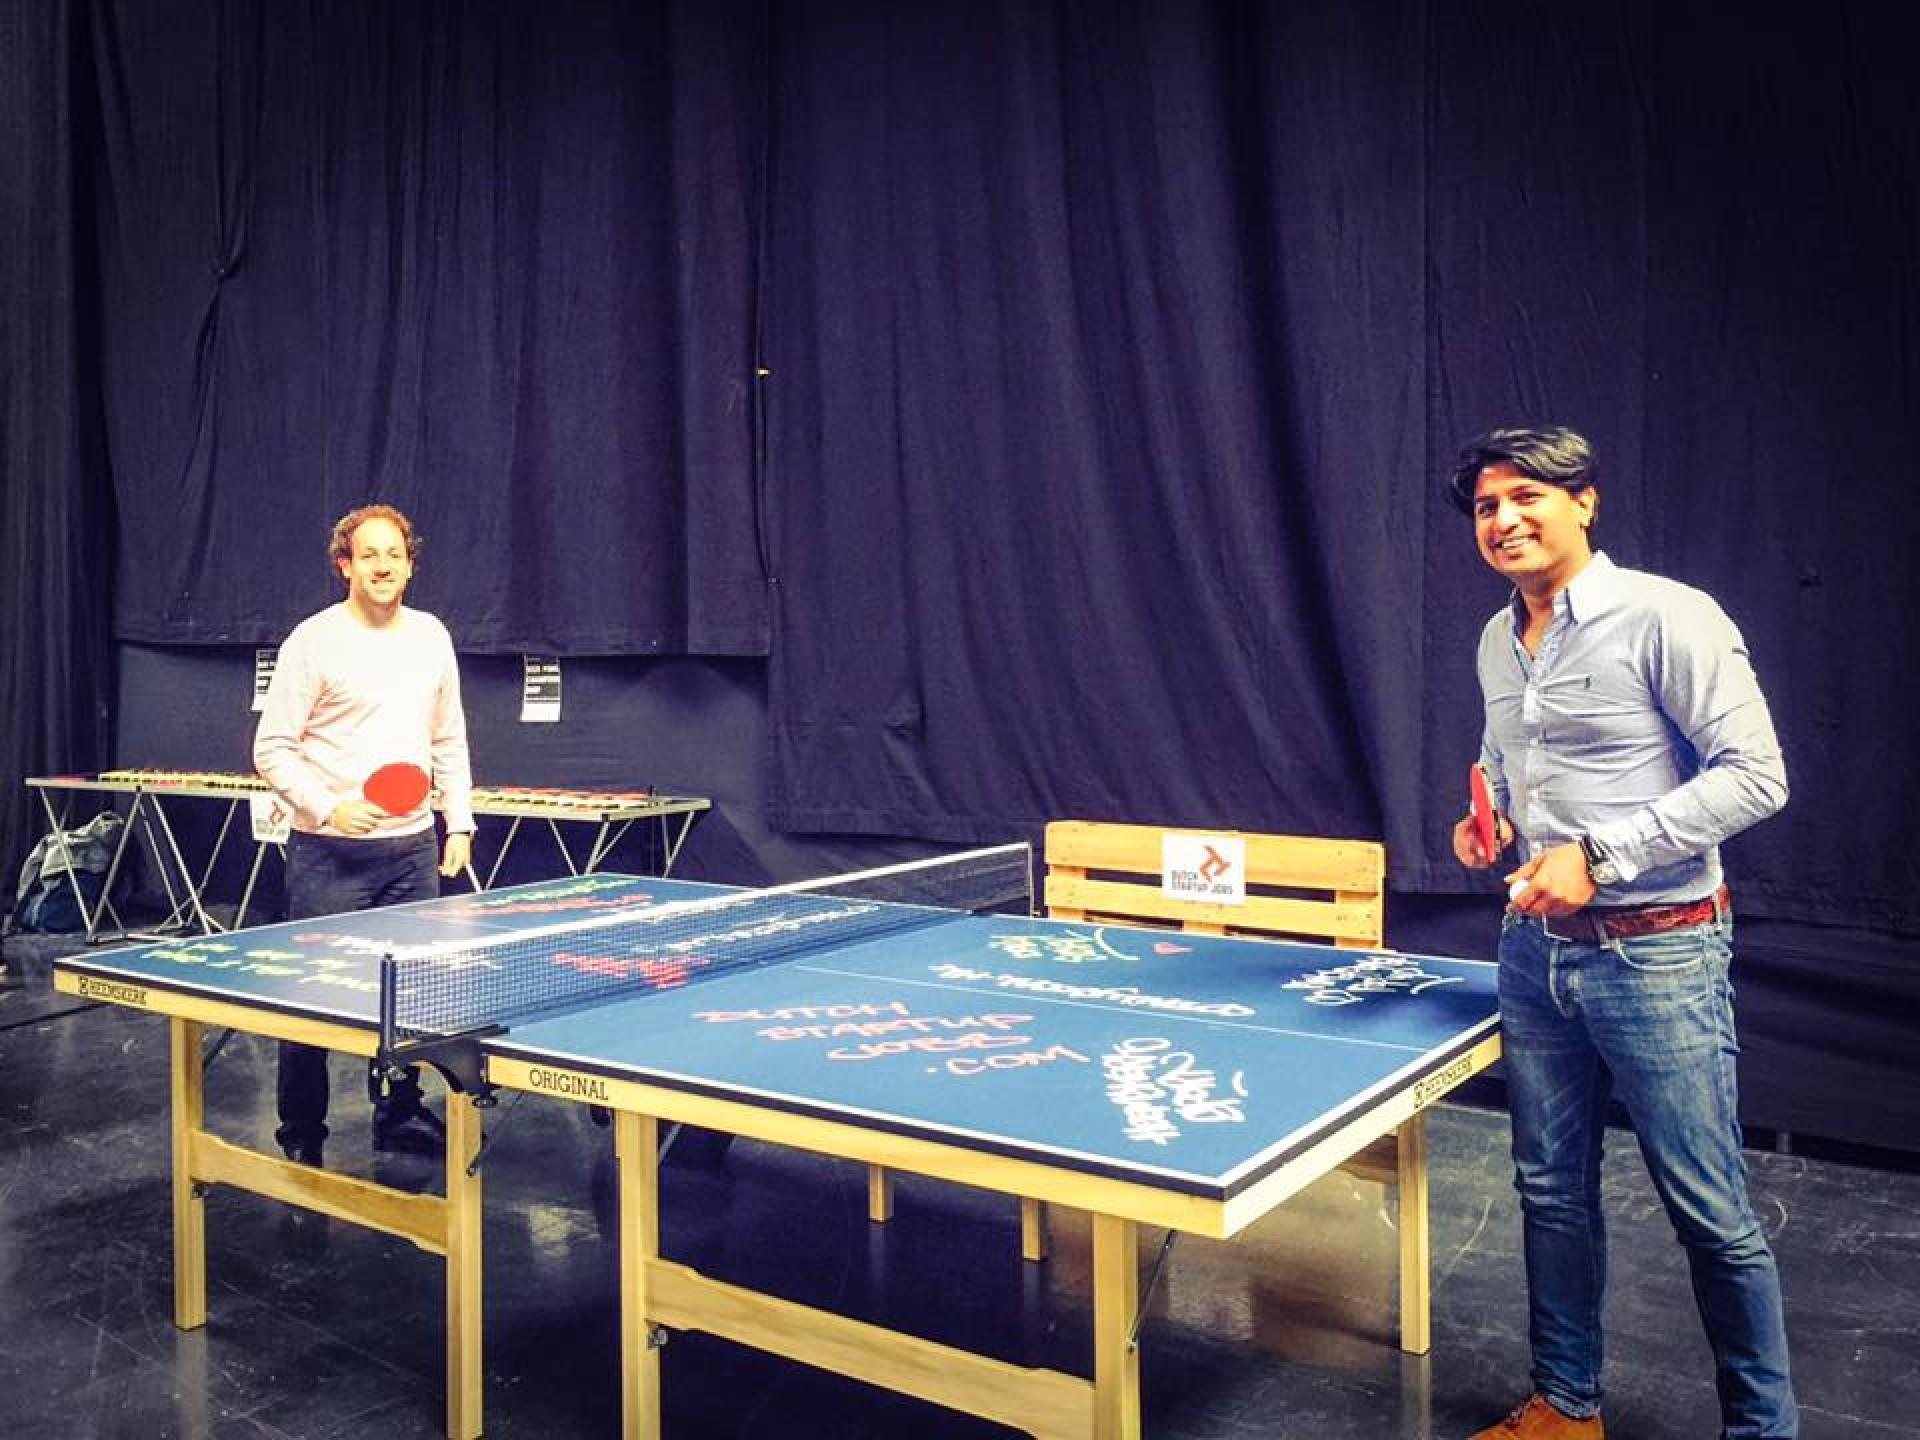 Ping pong dagje